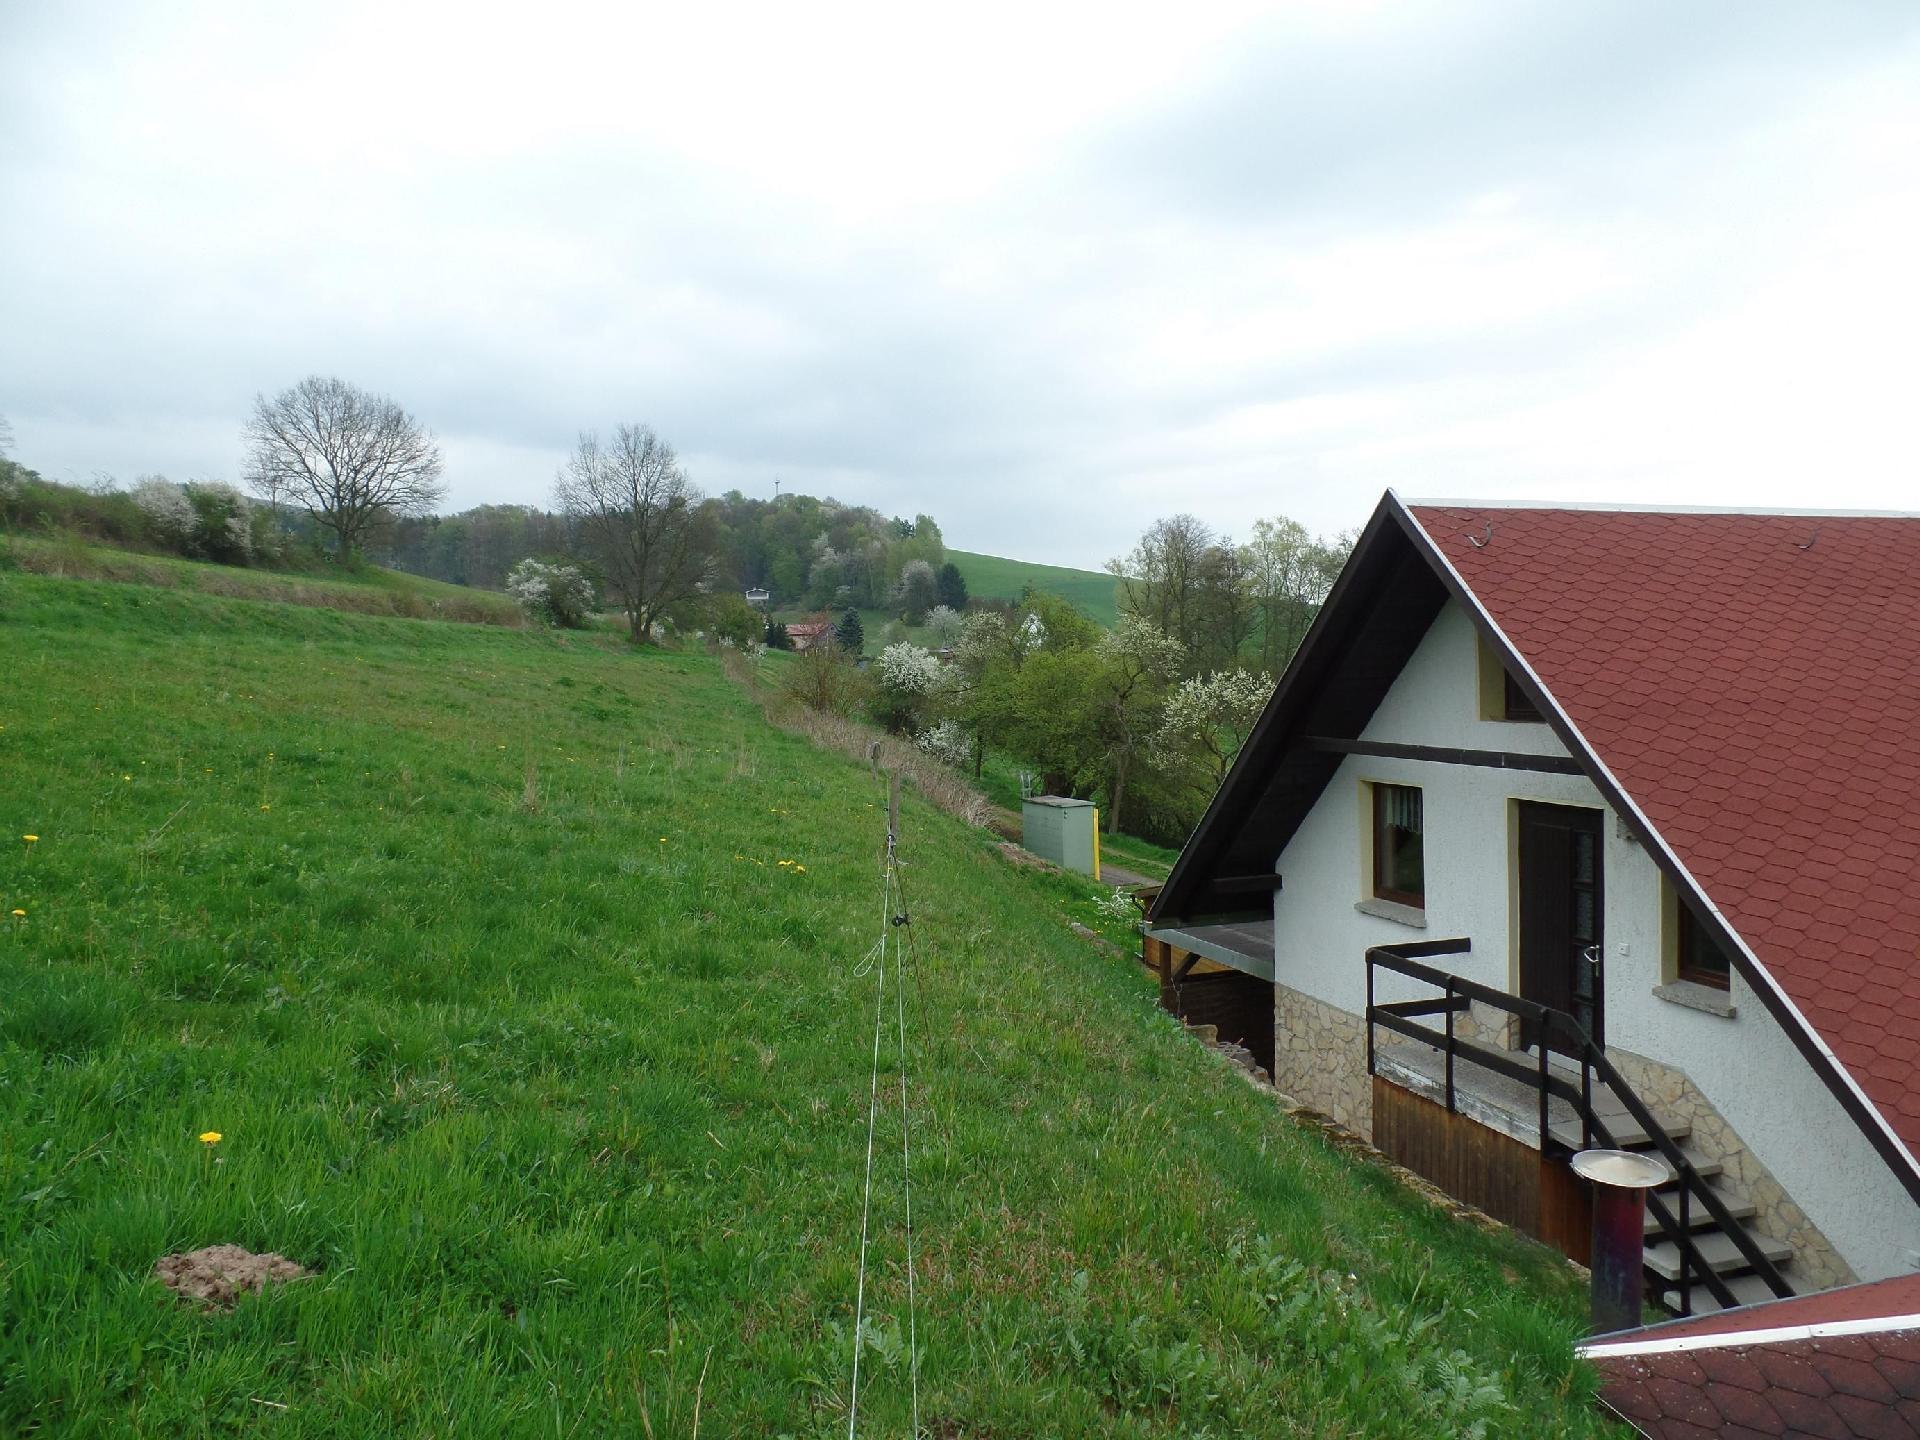 Ferienhaus für 4 Personen in Schmalkalden, Th